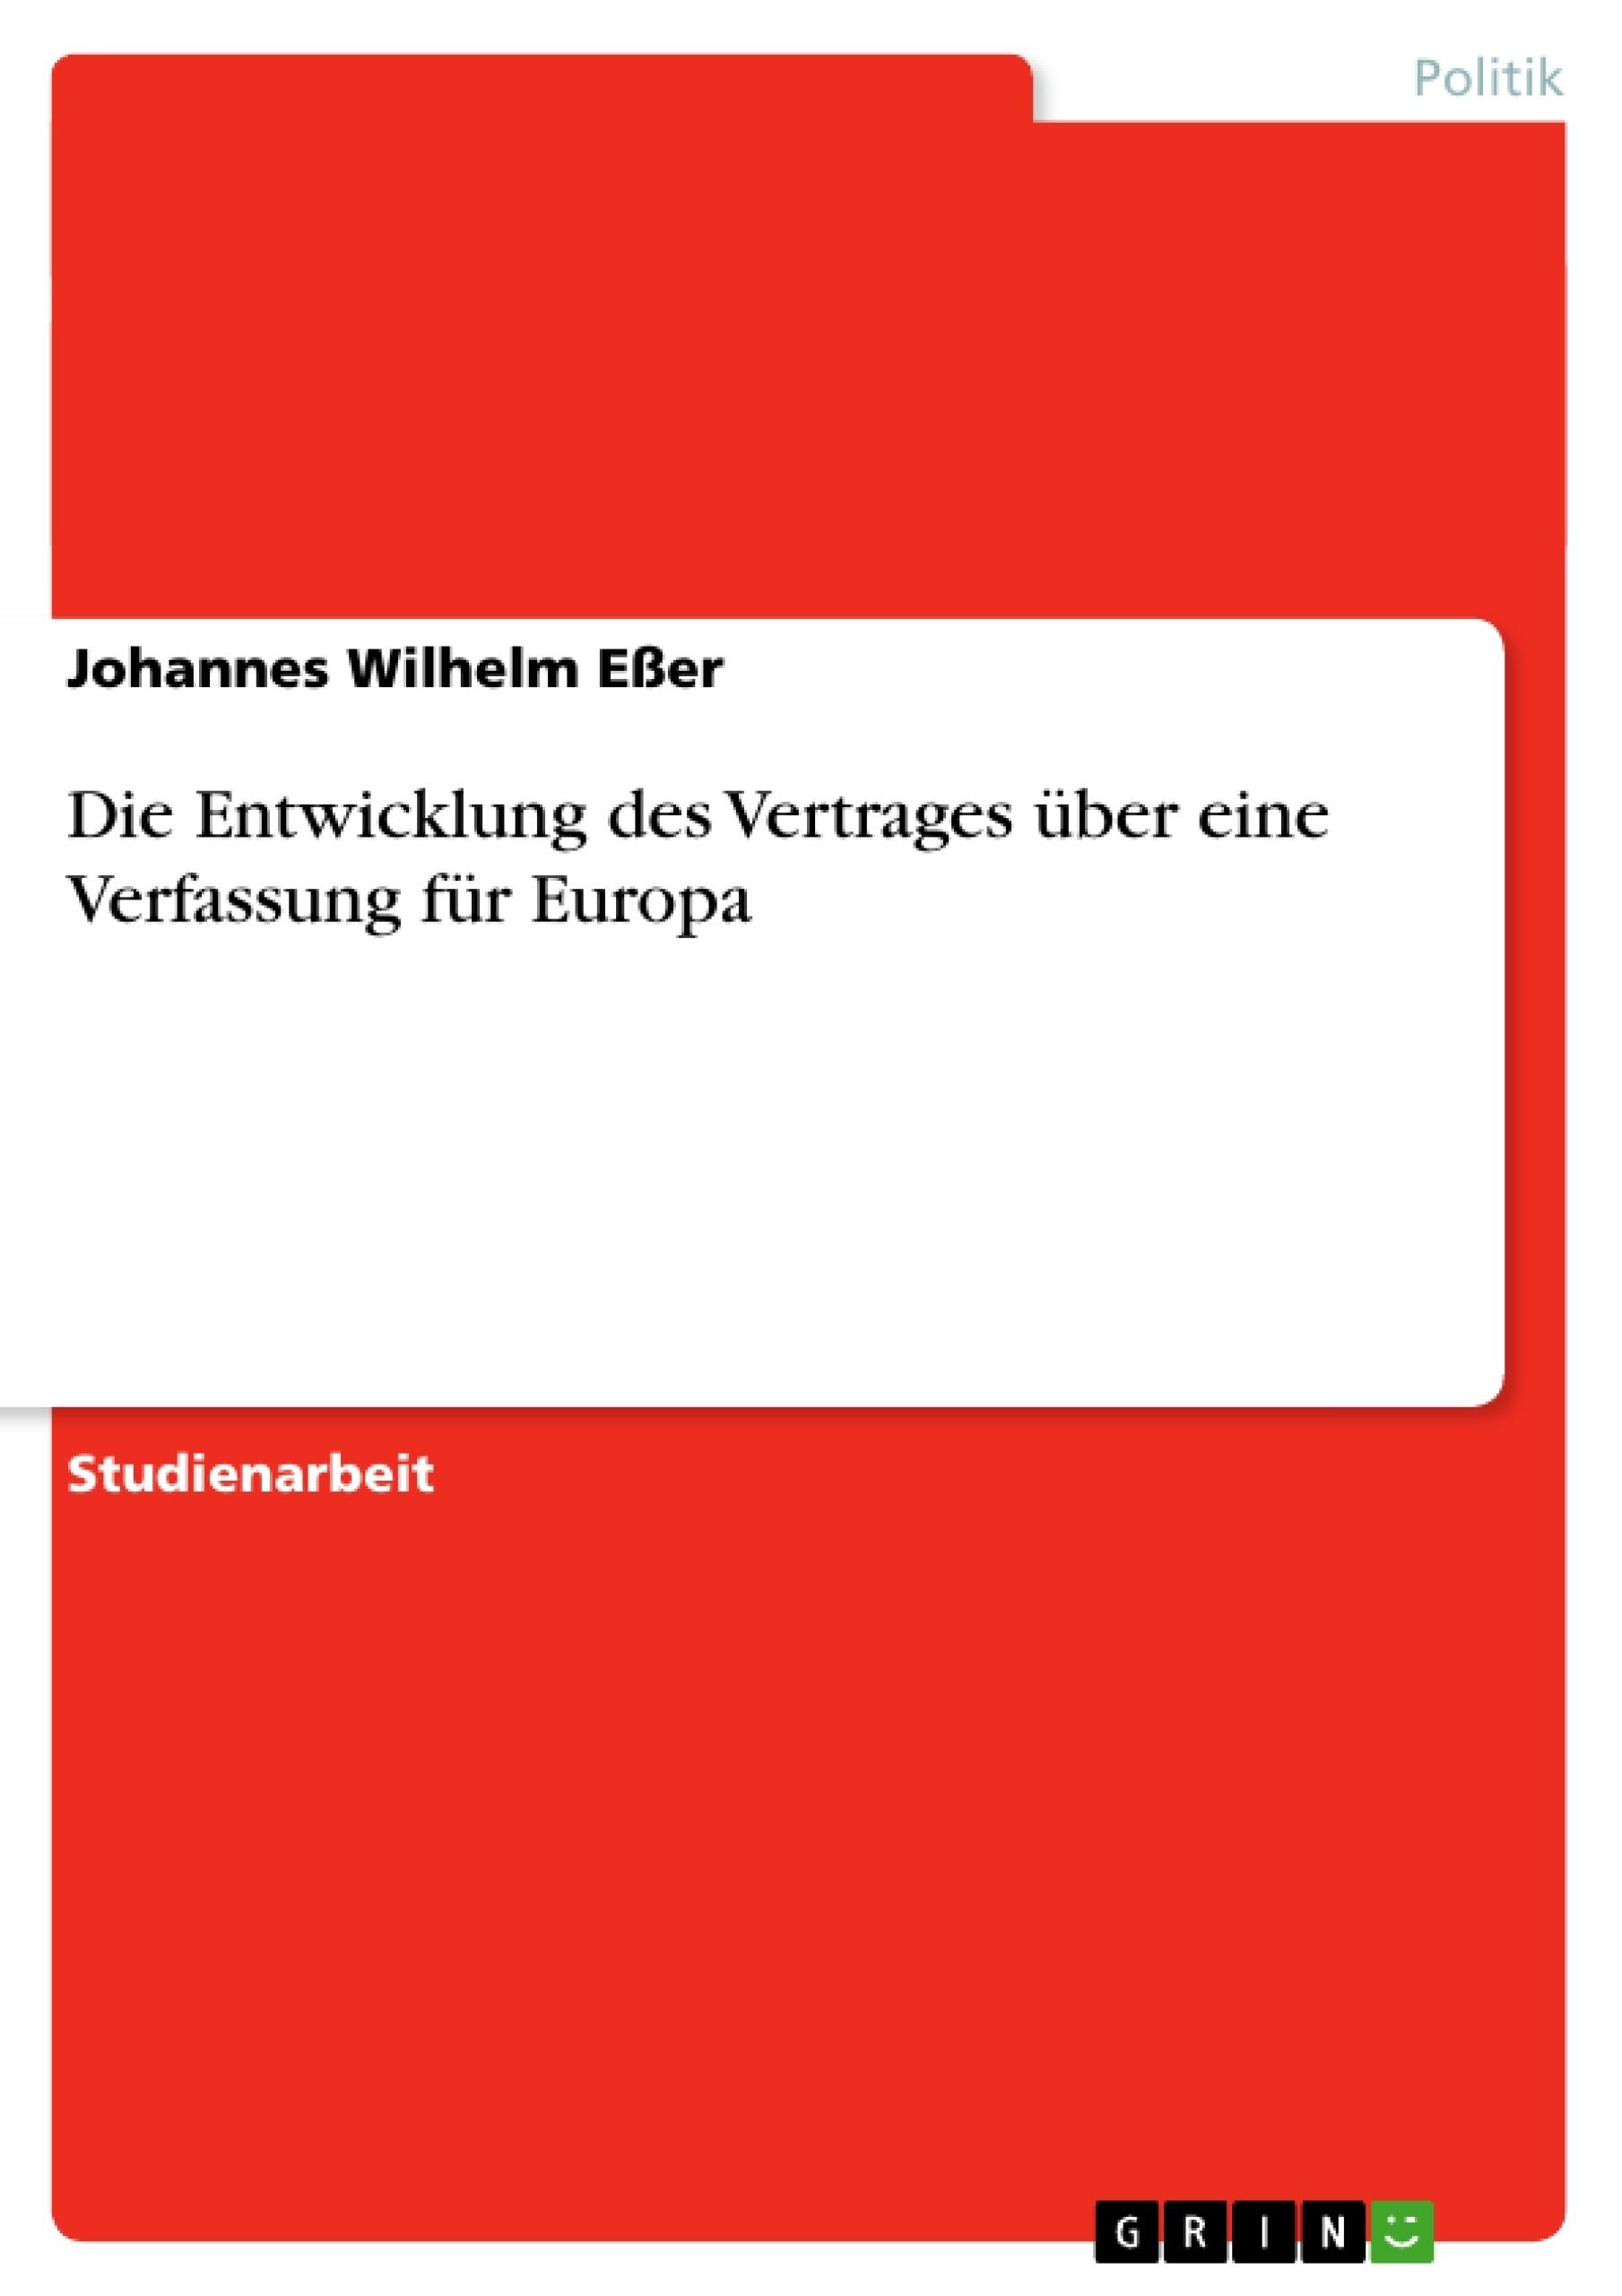 Titel: Die Entwicklung des Vertrages über eine Verfassung für Europa